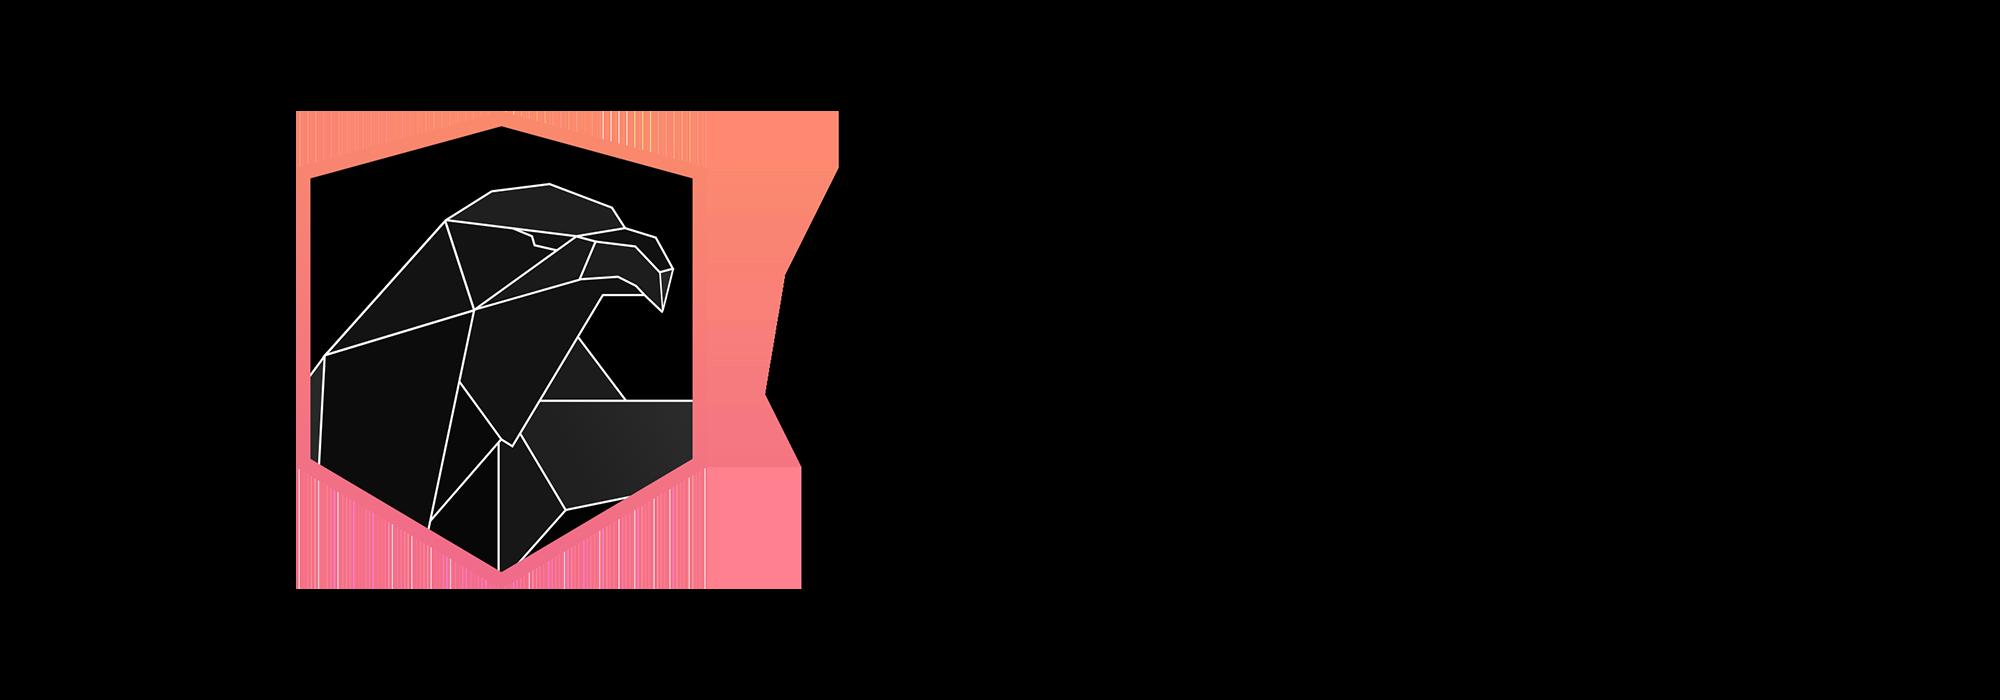 Aragon One logo